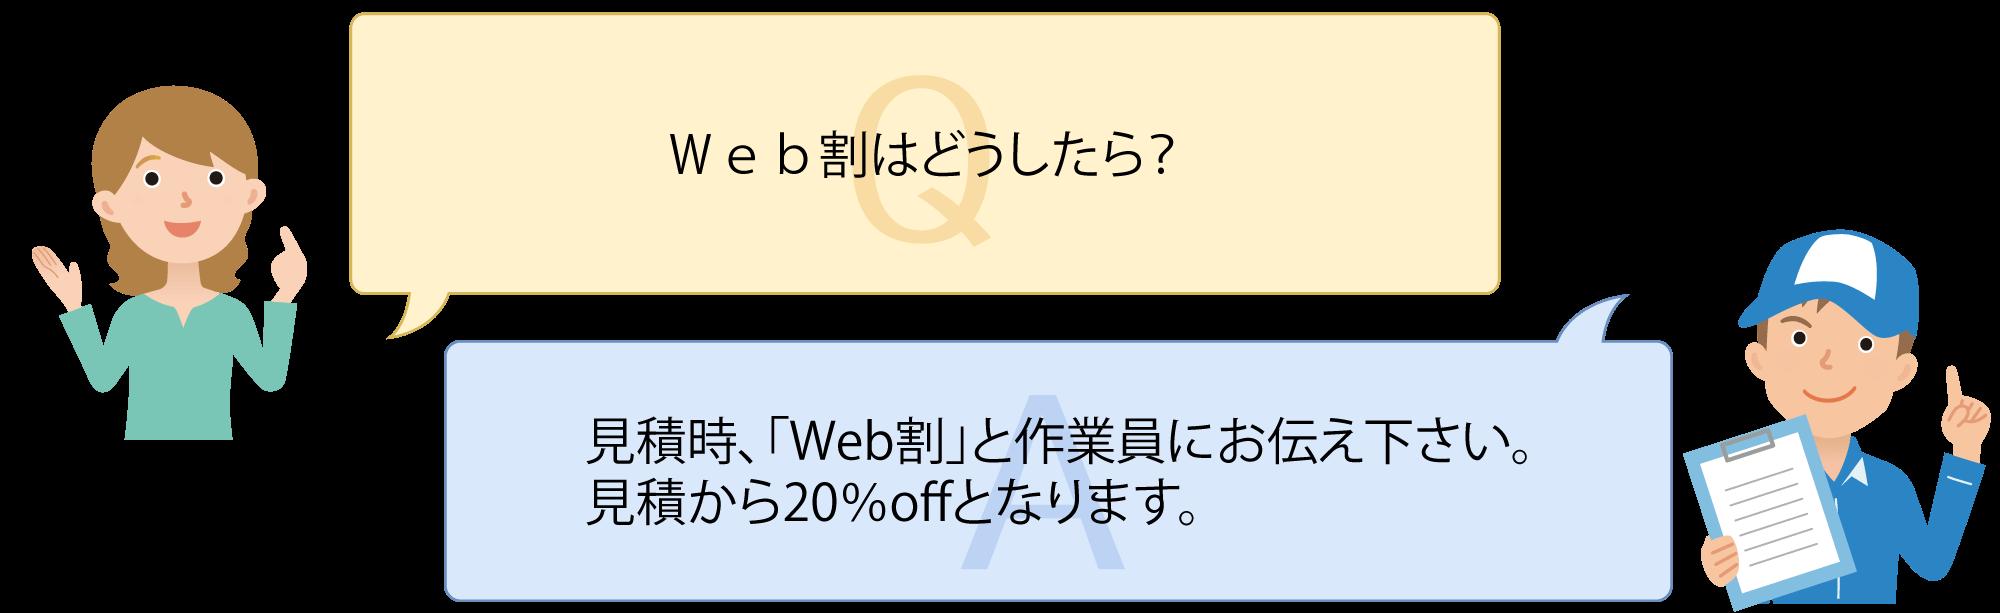 Q:Web割はどうしたら? A:見積時、「Web割」と作業員にお伝え下さい。 見積から20%offとなります。